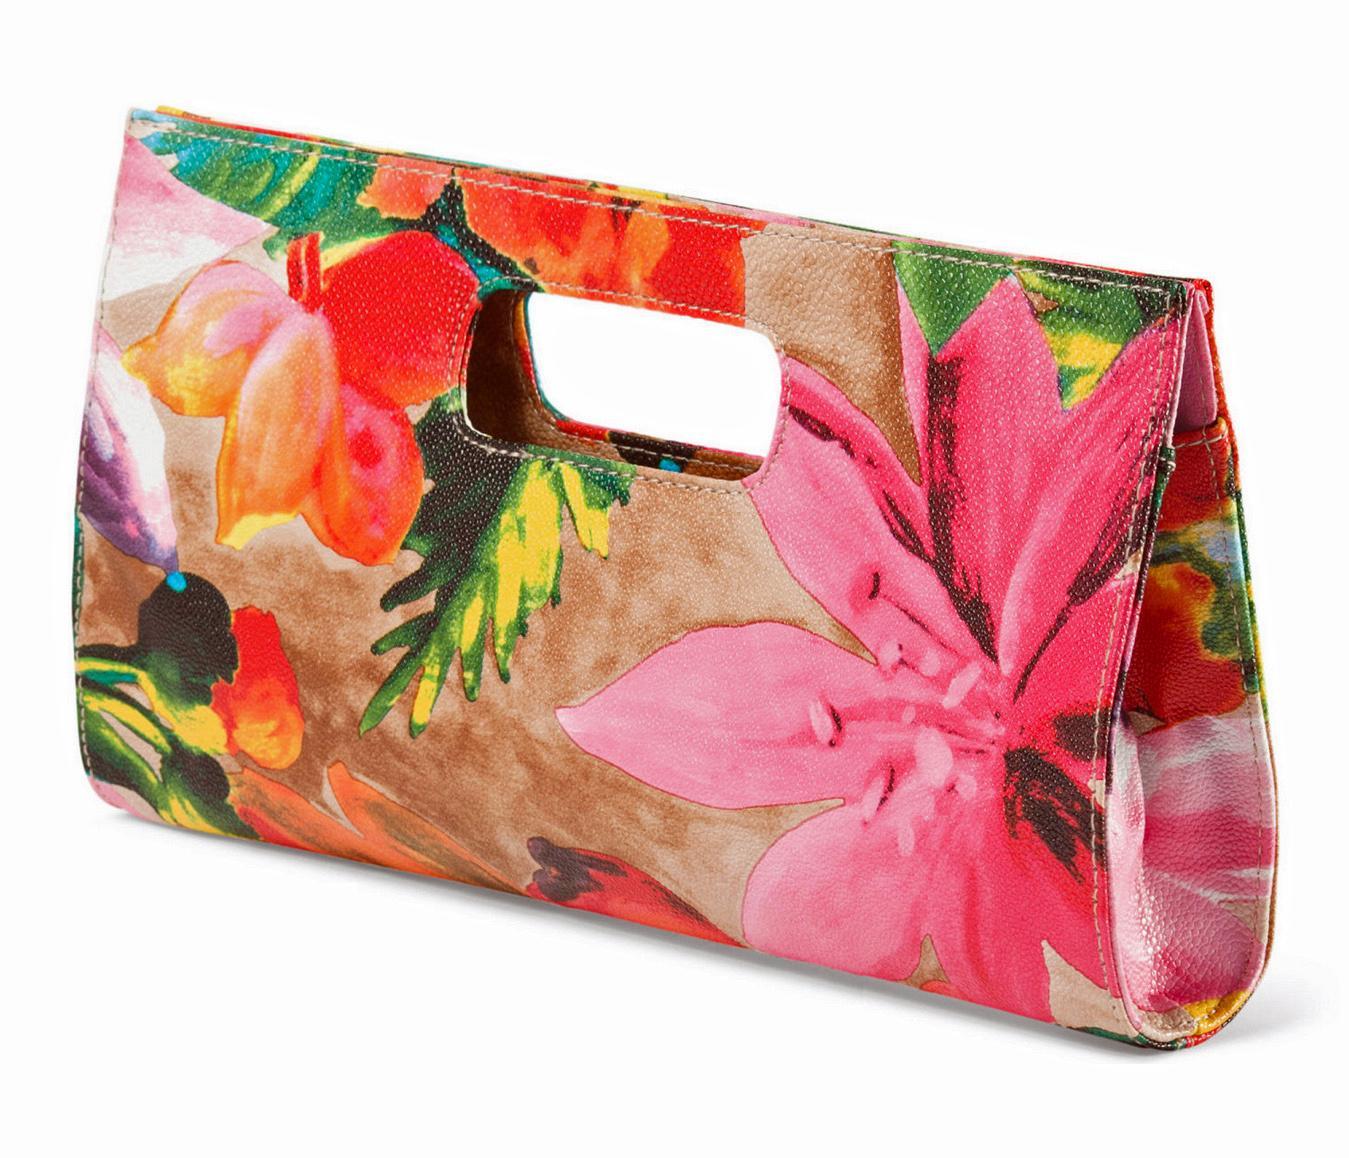 cheap guess handbags outlet wnzf  cheap guess handbags outlet